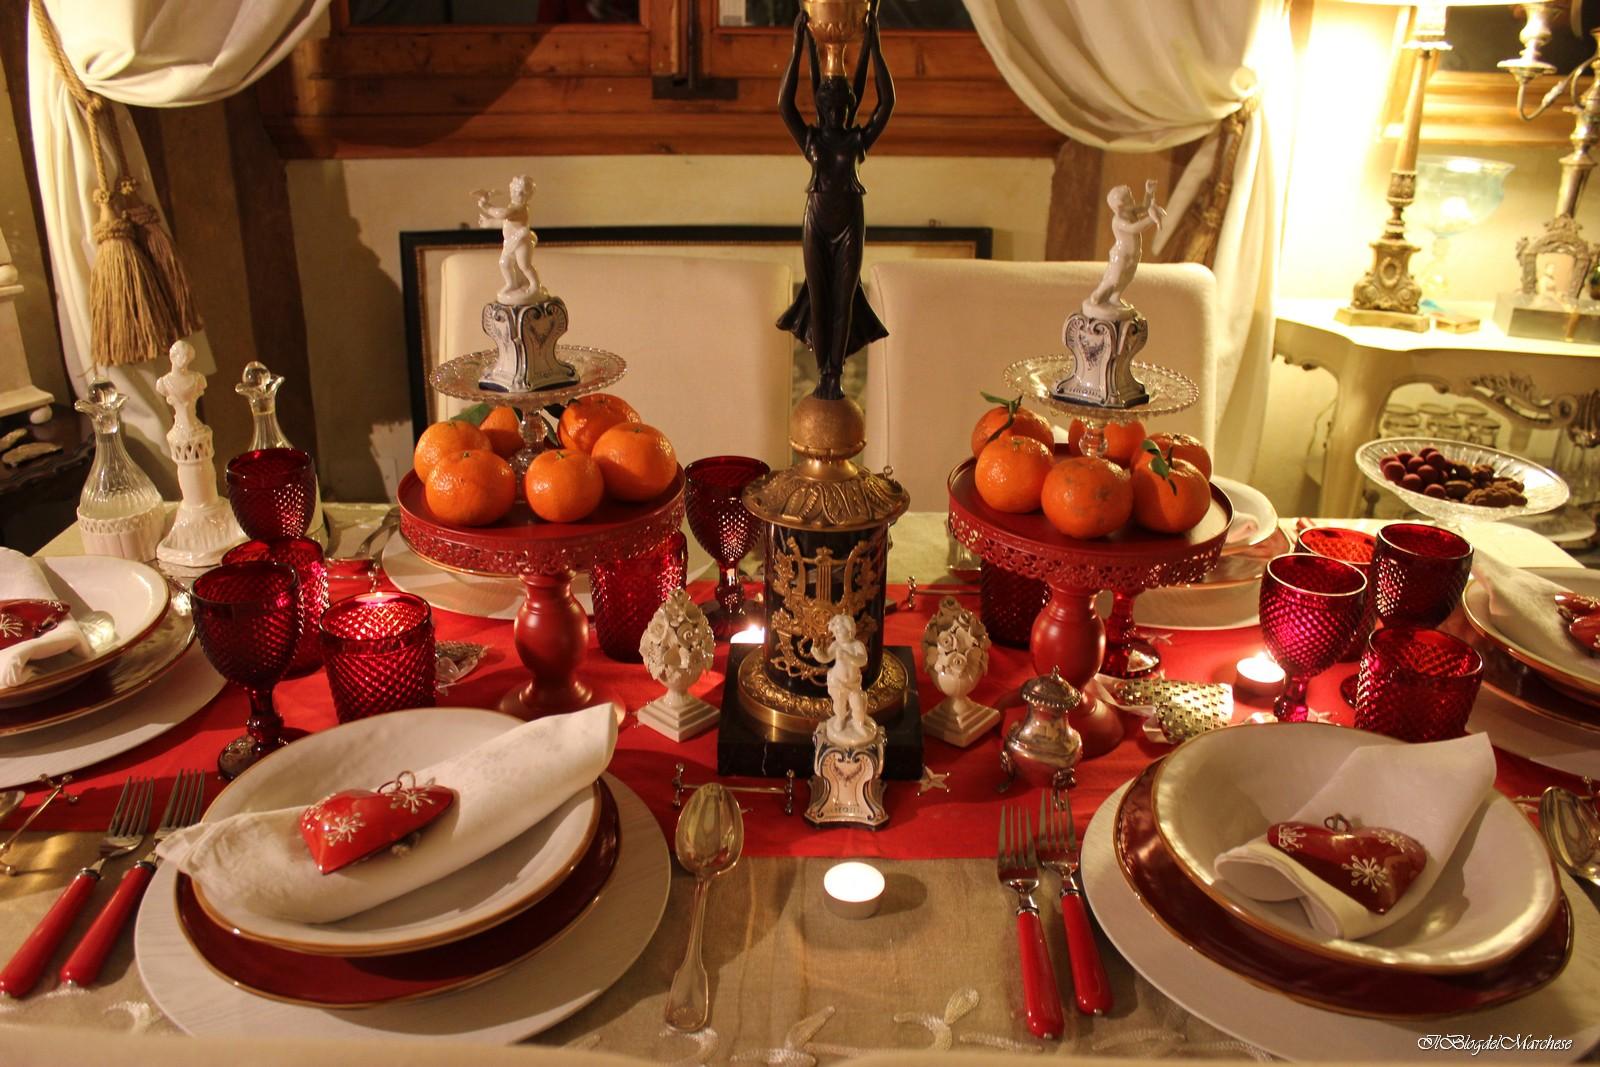 Idee per addobbare la tavola di natale 2014 il blog del marchese - Addobbare la tavola per natale ...